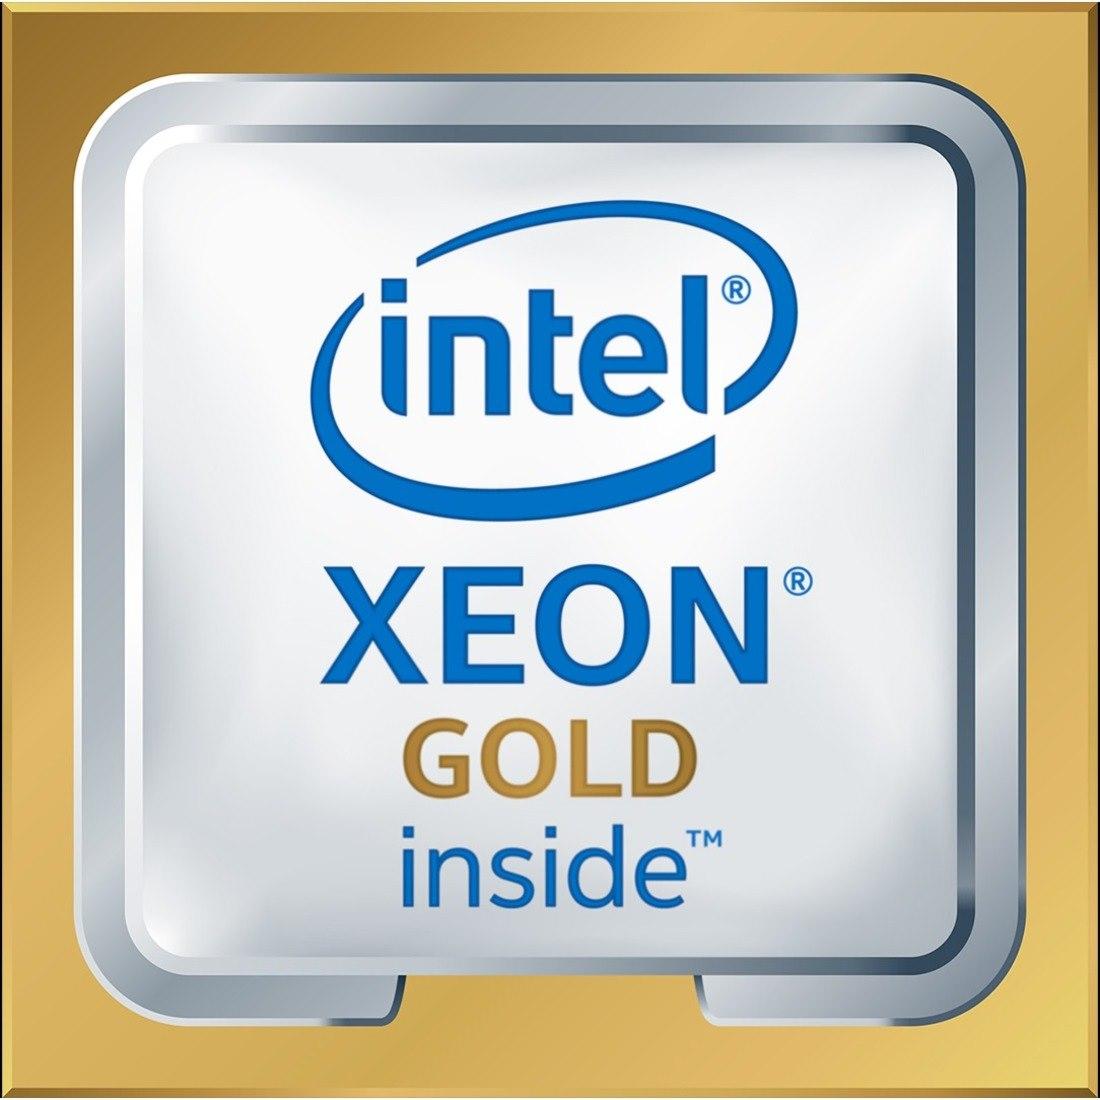 Cisco Intel Xeon 6136 Dodeca-core (12 Core) 3 GHz Processor Upgrade